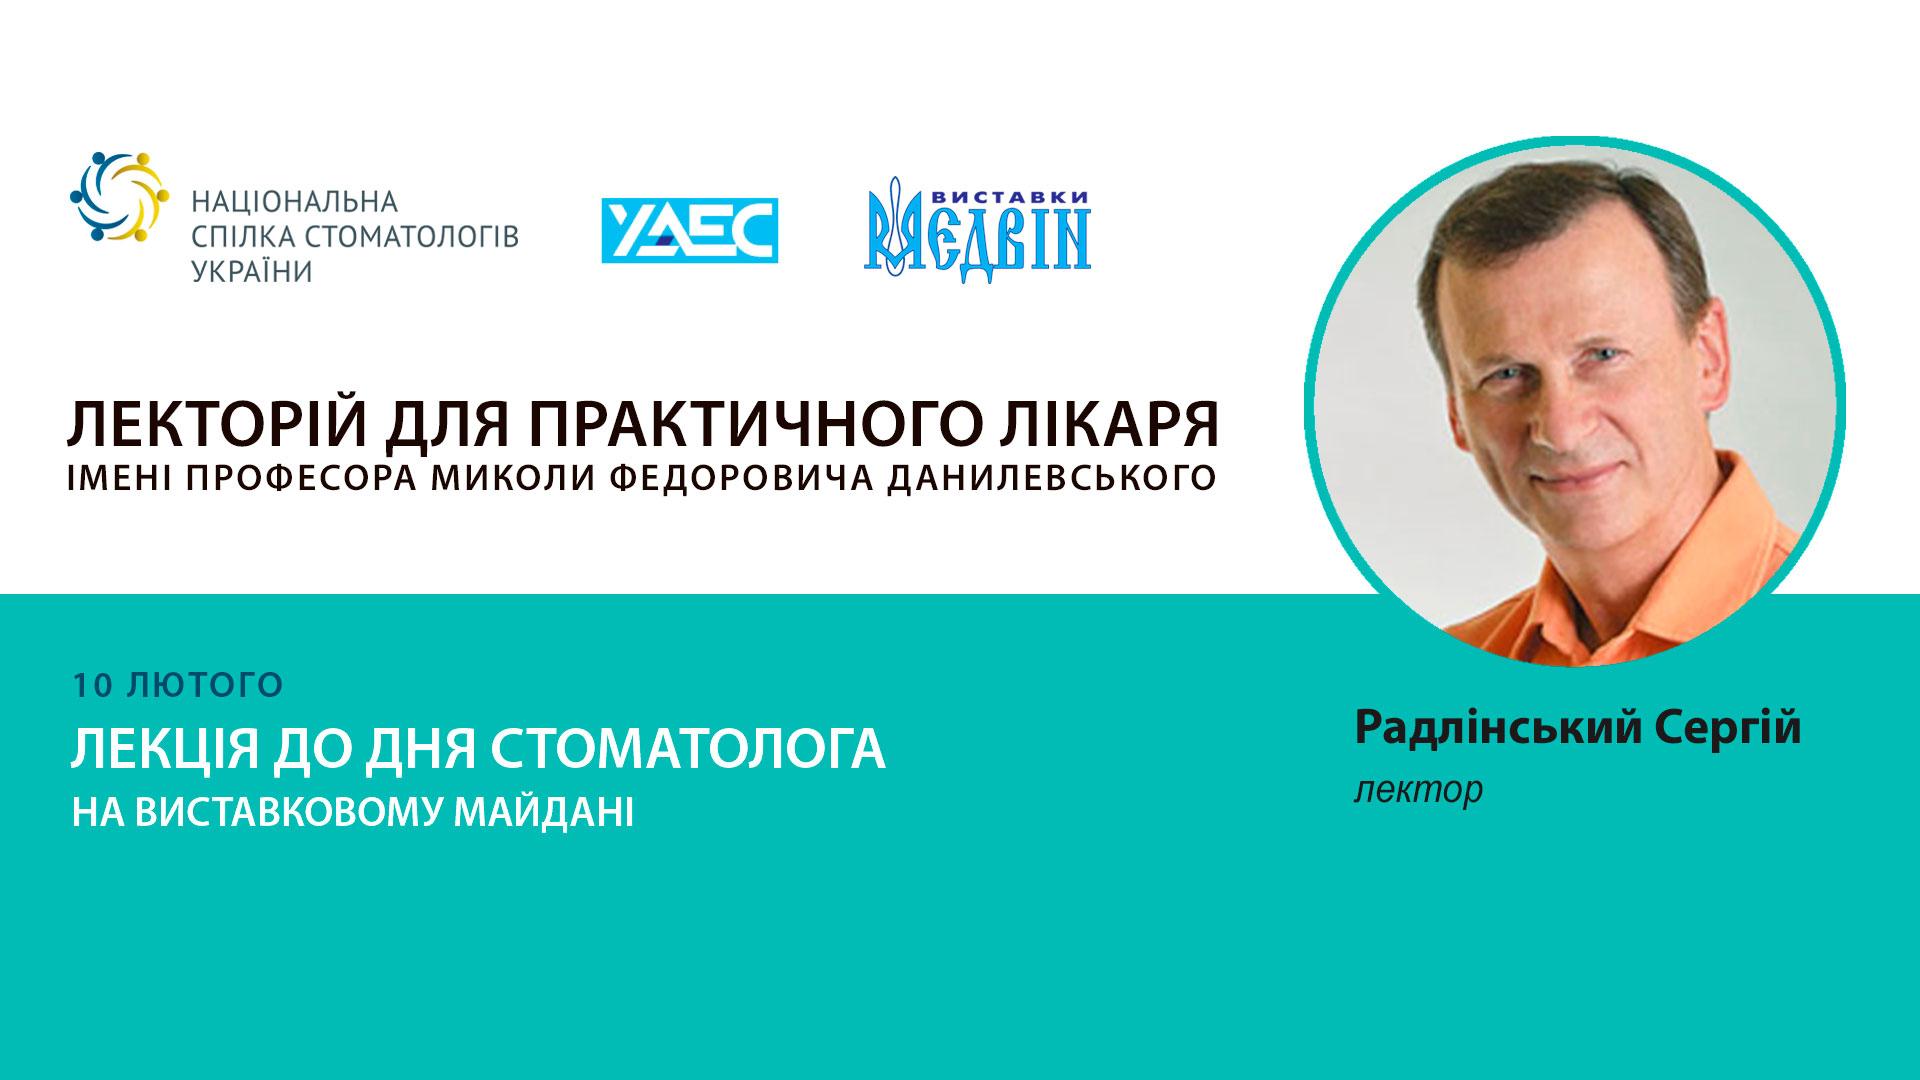 Лекція Сергія Радлінського до Міжнародного Дня стоматолога